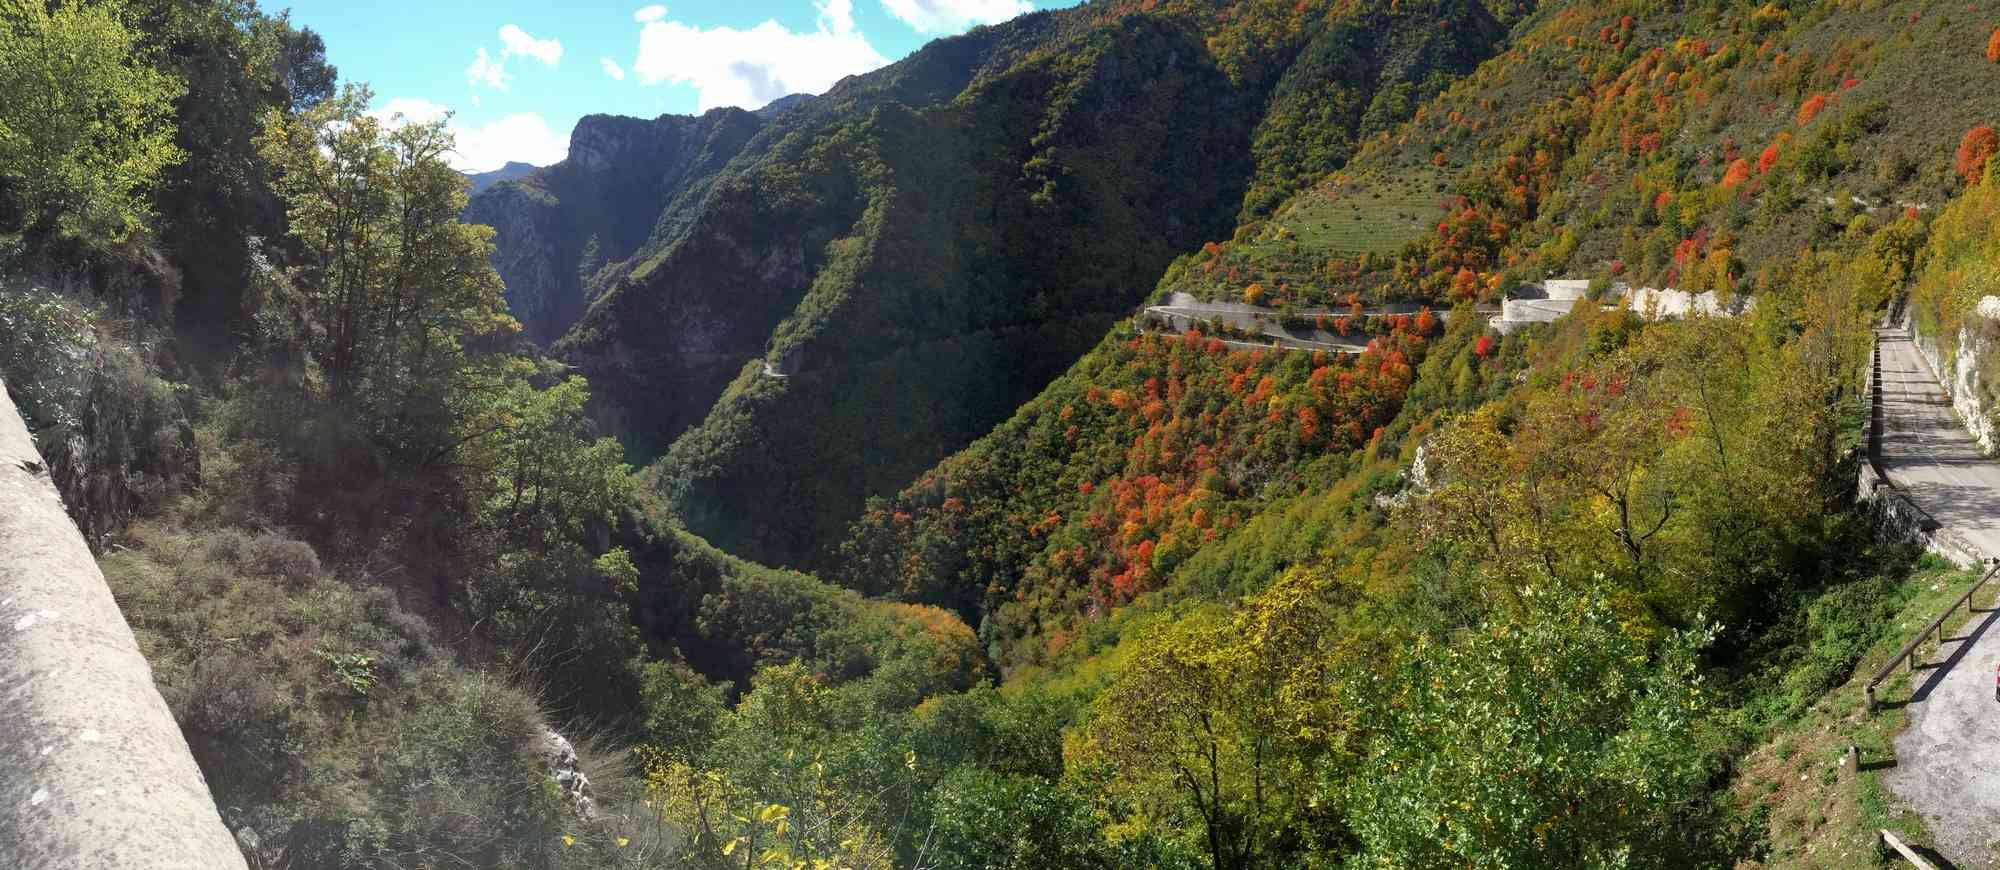 La Route des Grandes Alpes - Page 21 Img_6922